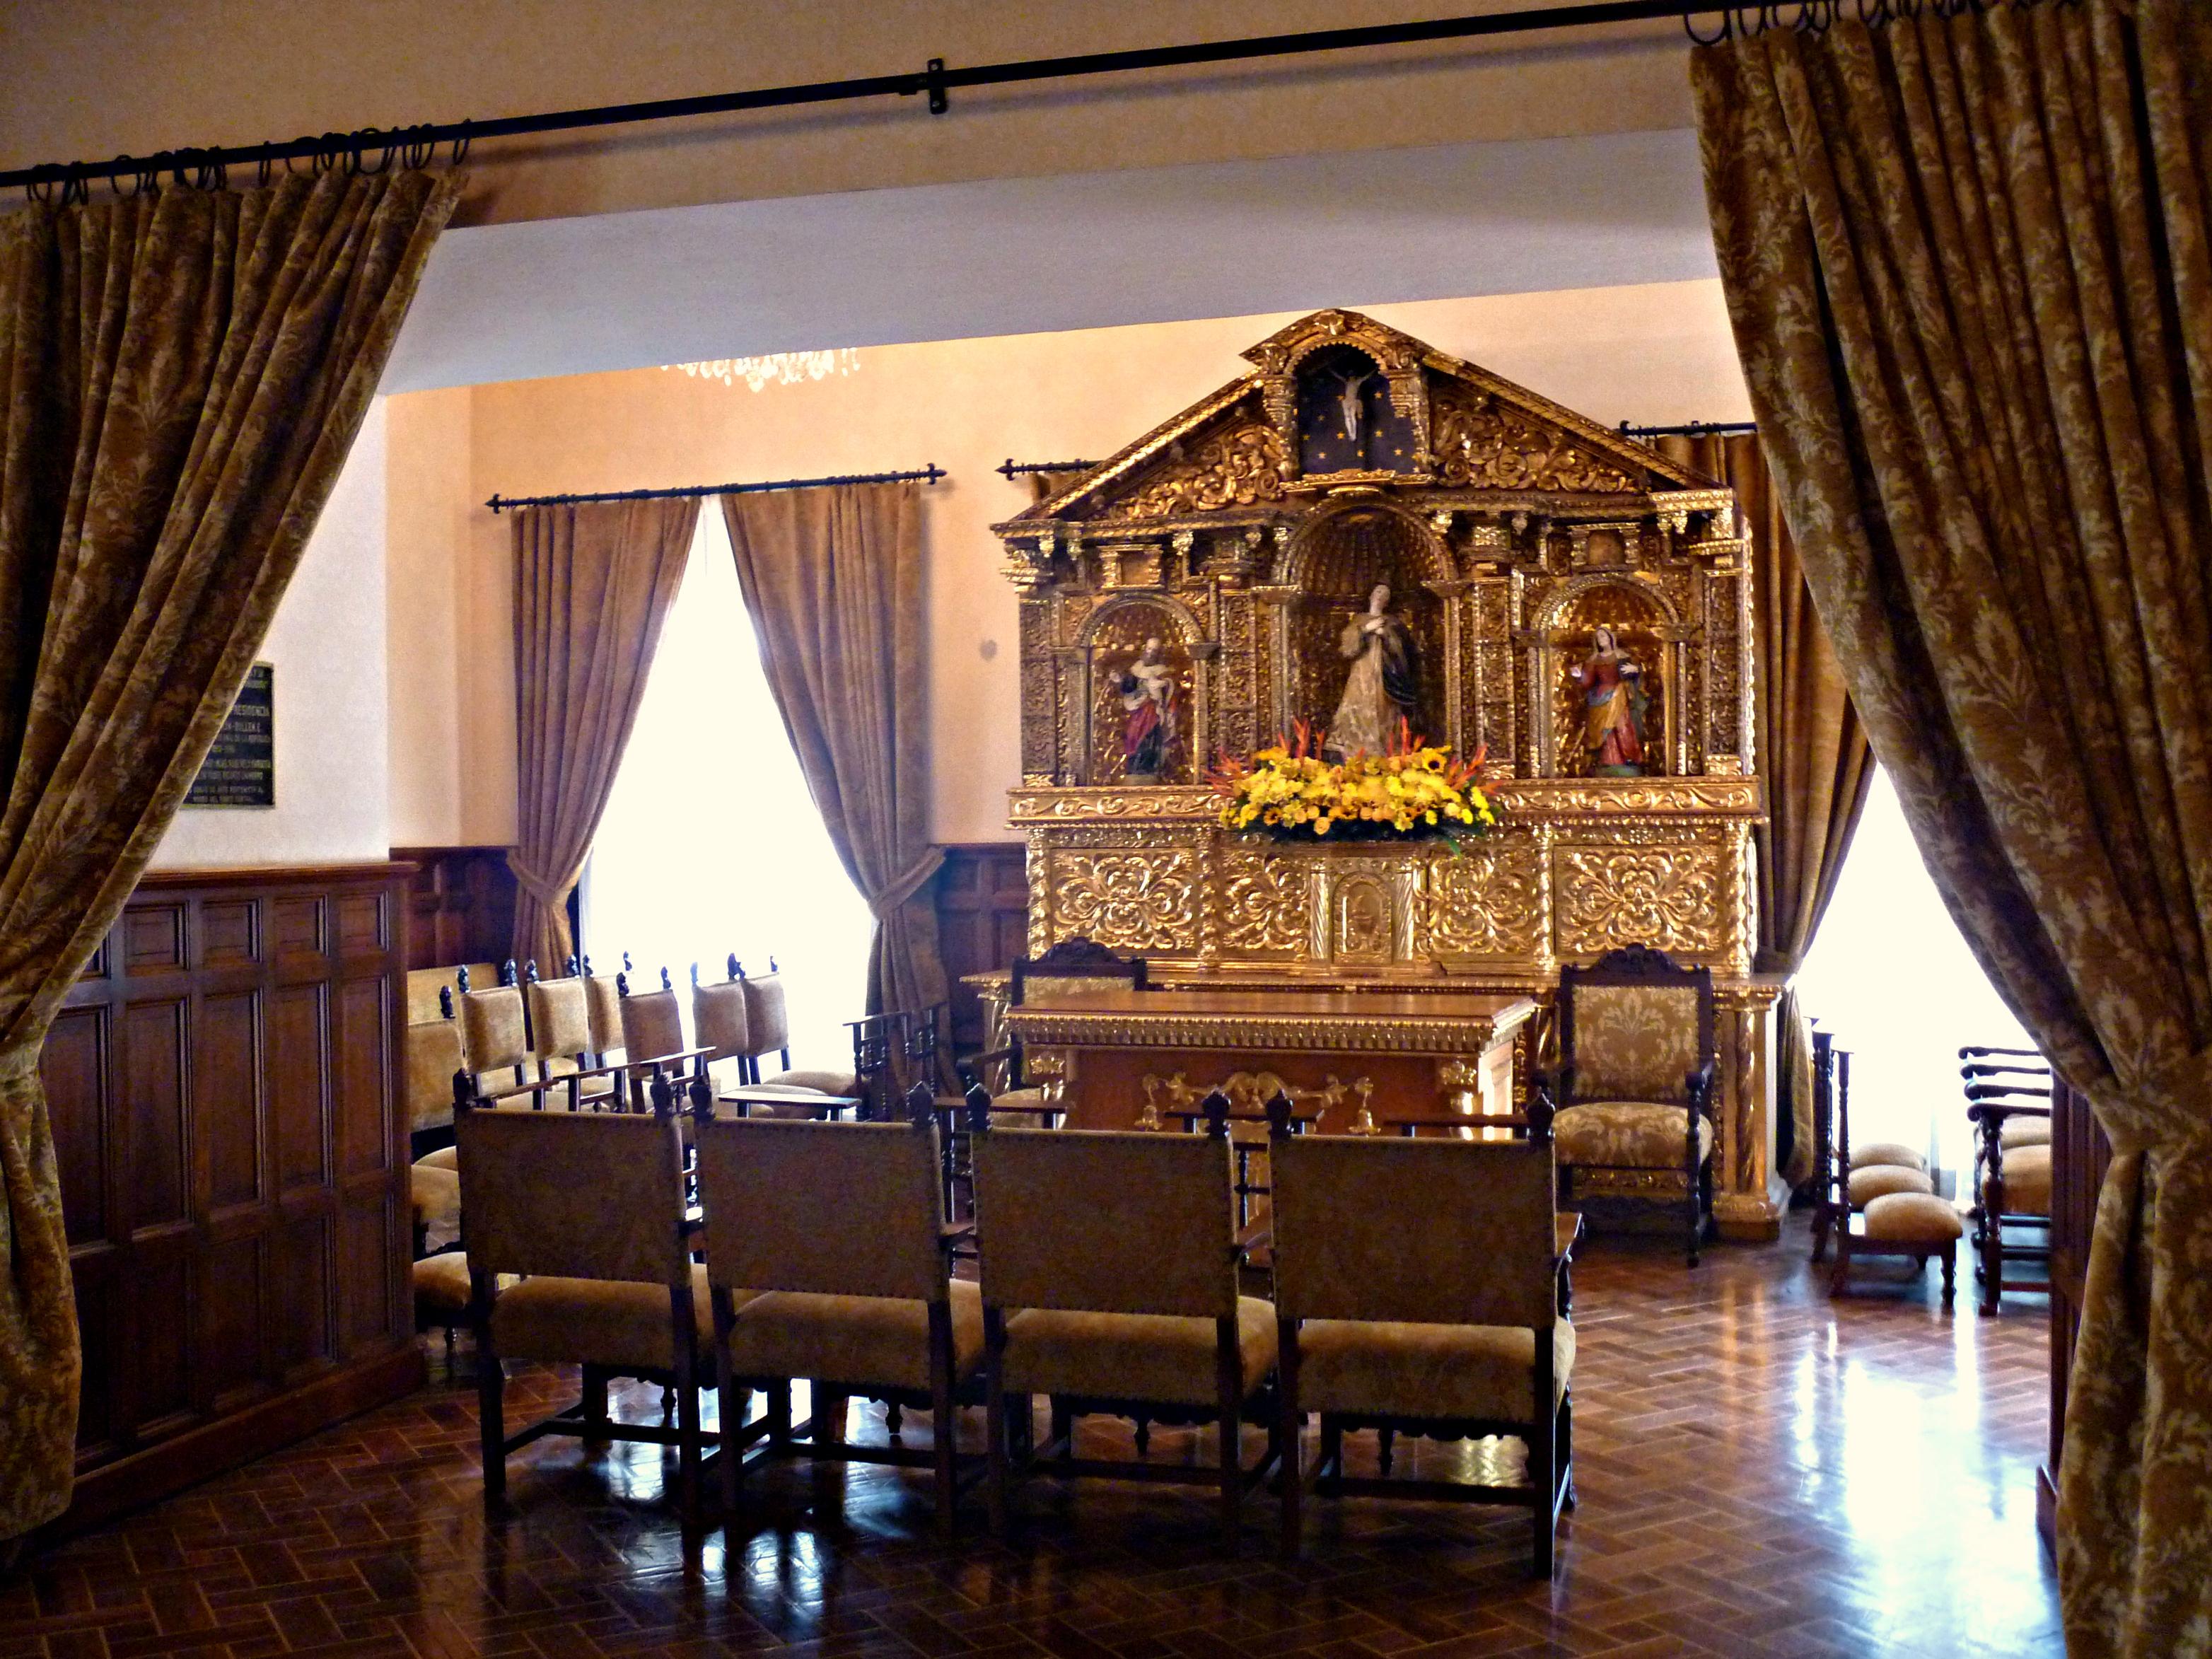 File:Oratorio del Palacio, Palacio de Carondelet - Quito ...